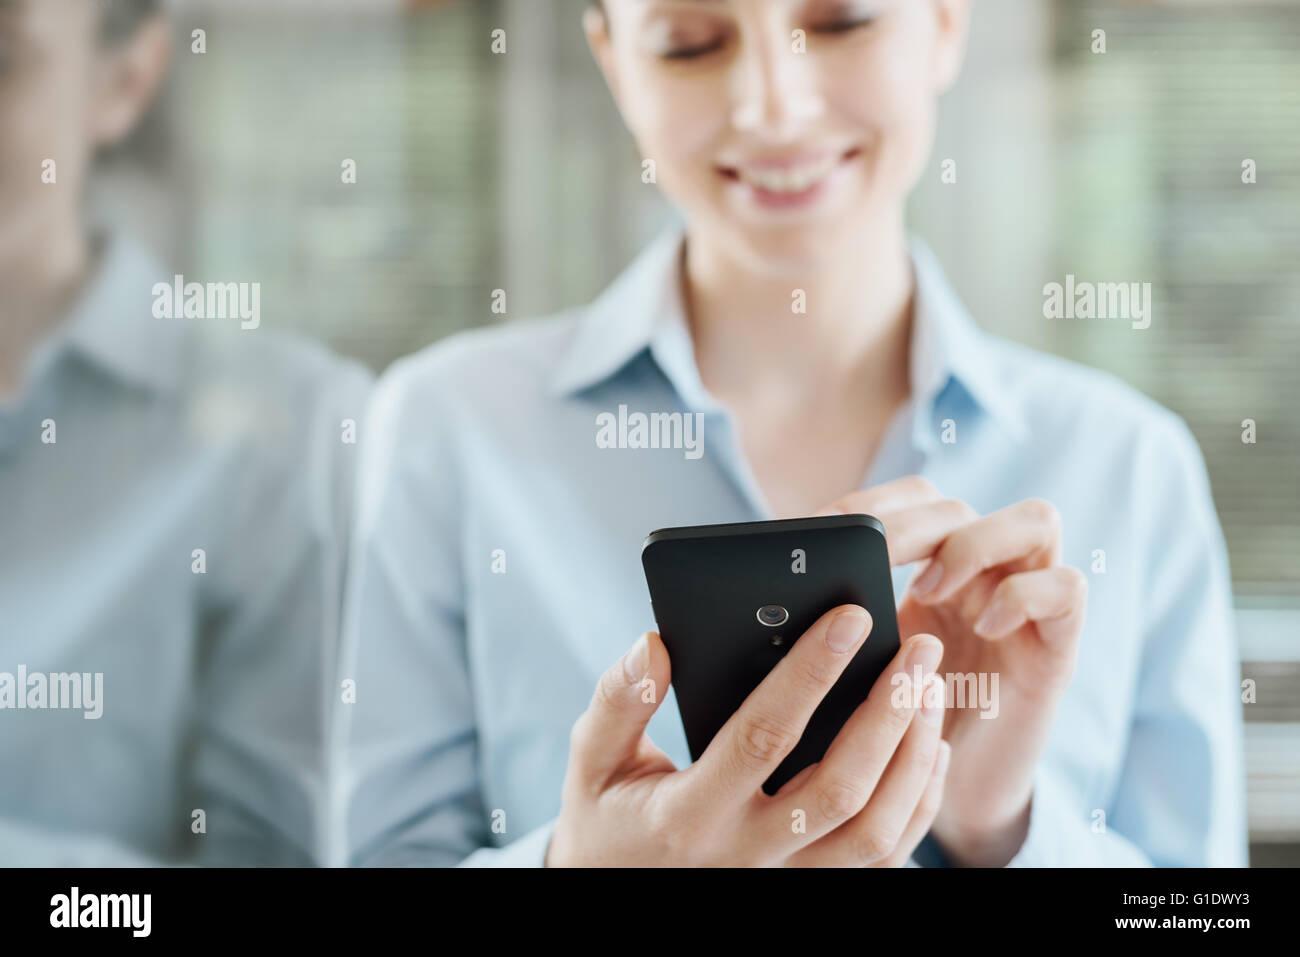 Hermosa mujer sonriente con un teléfono inteligente, apoyándose en una ventana y reflexionando sobre vidrio Imagen De Stock